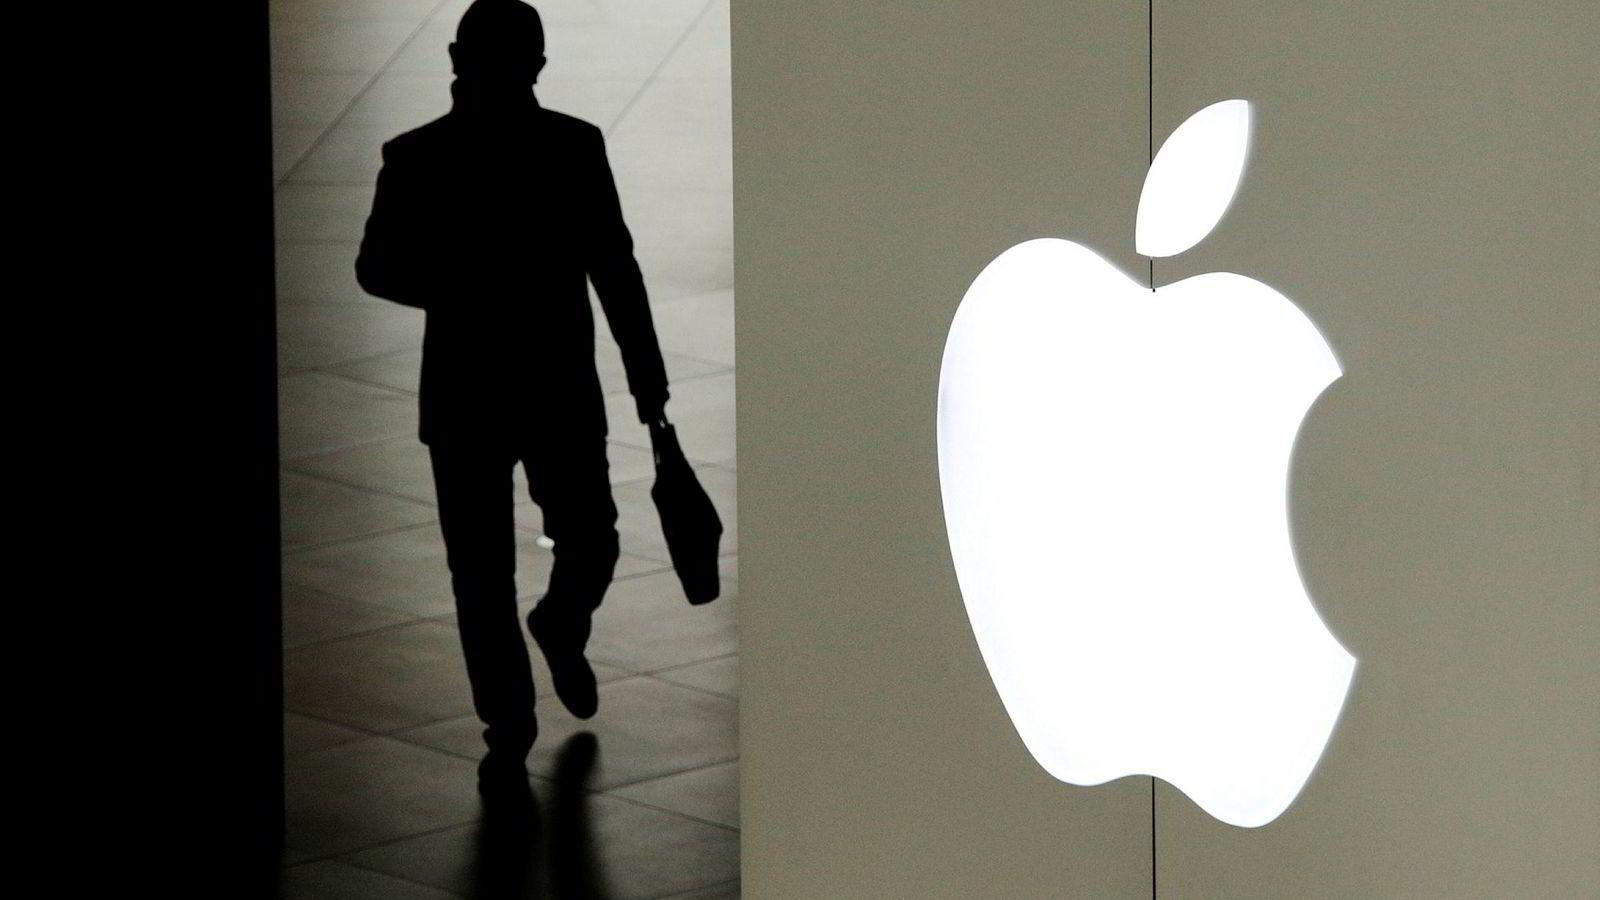 Når salget av Apples smarttelefoner svikter i Kina, er det først og fremst et tegn på at Apple har problemer, ikke at Kina har problemer.